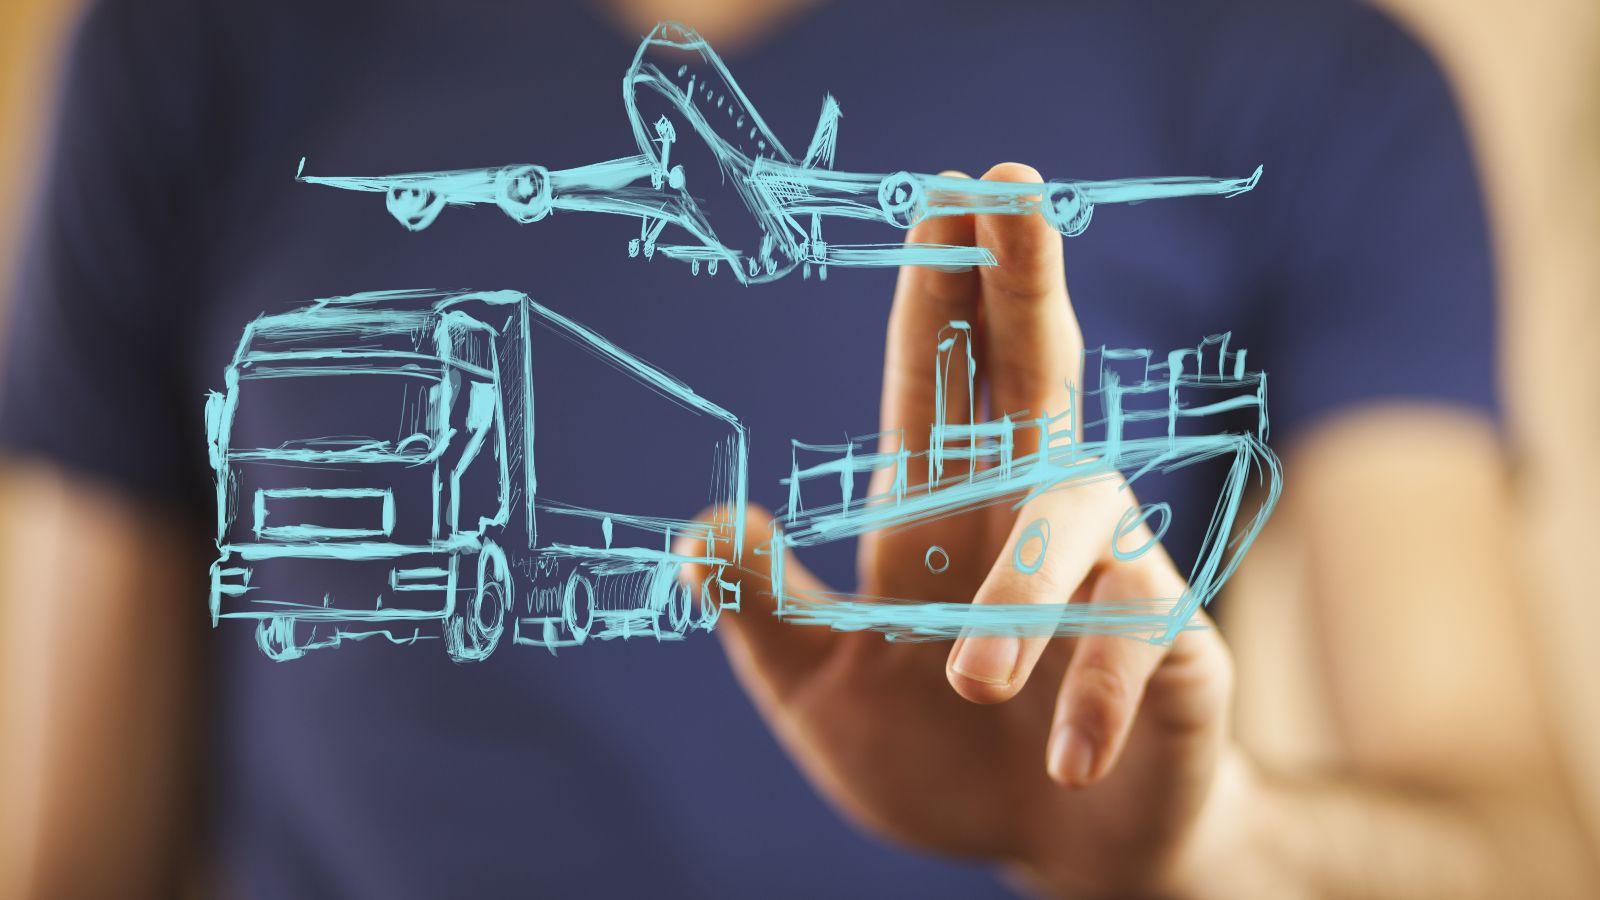 Gezeichnete Symbole eines Flugzeugs, eines Lastkraftwagens und eines Schiffs werden von dahinter stehender Person angetippt